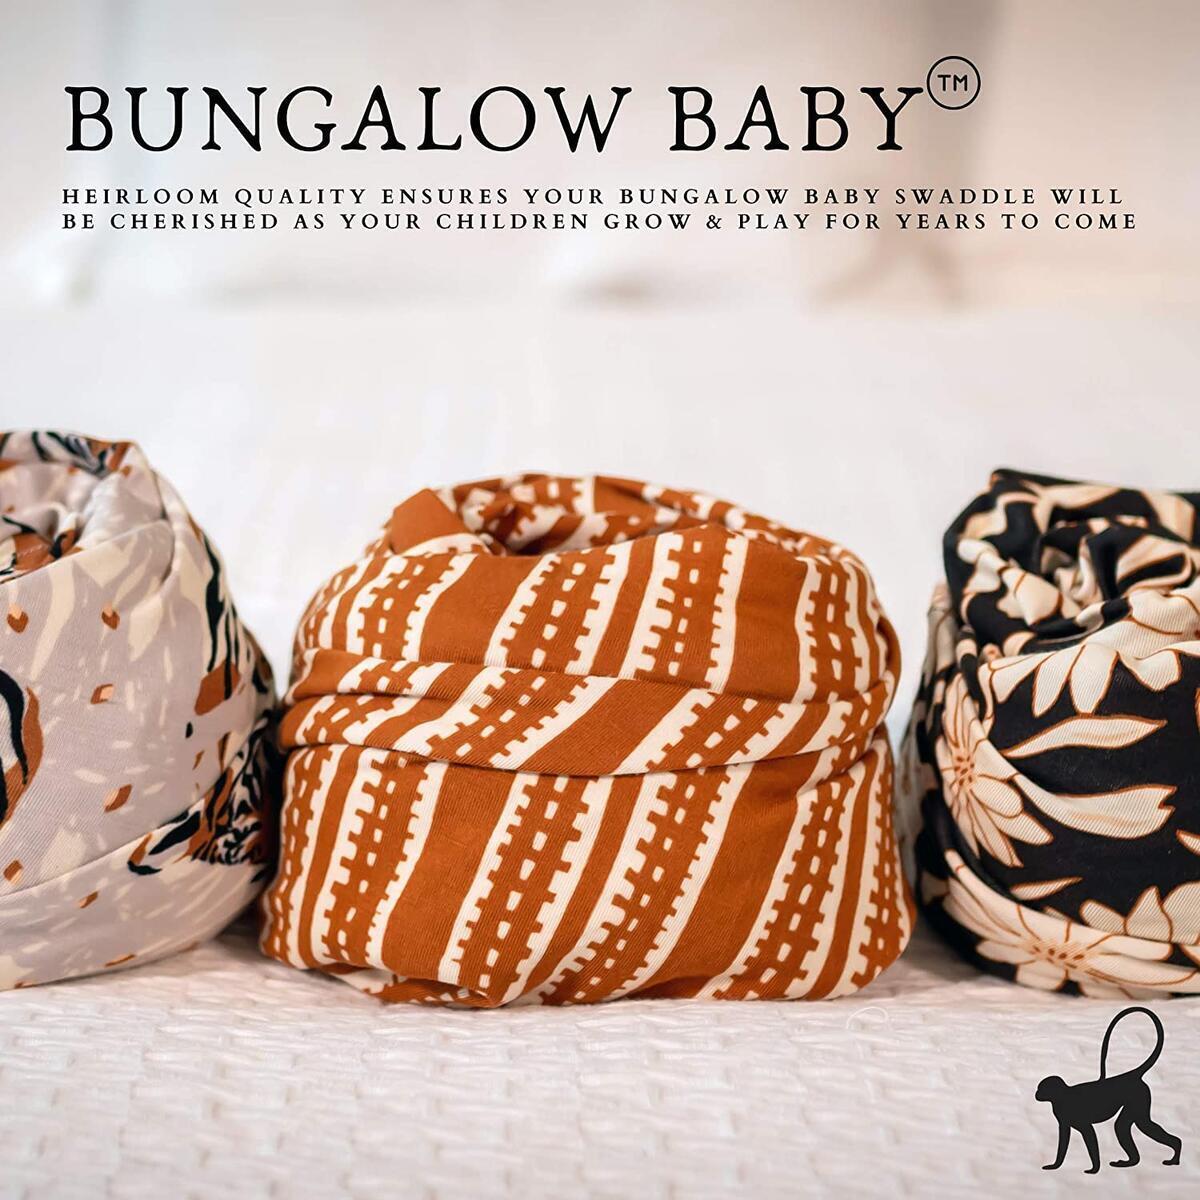 Bungalow Baby Swaddle Set - Premium Bamboo Viscose Baby Swaddle Blanket & Hat Set, Baby Boy, Baby Girl, Unisex, Newborn Swaddle, Baby Wrap, Bamboo Blanket, (Tribal Stripe)